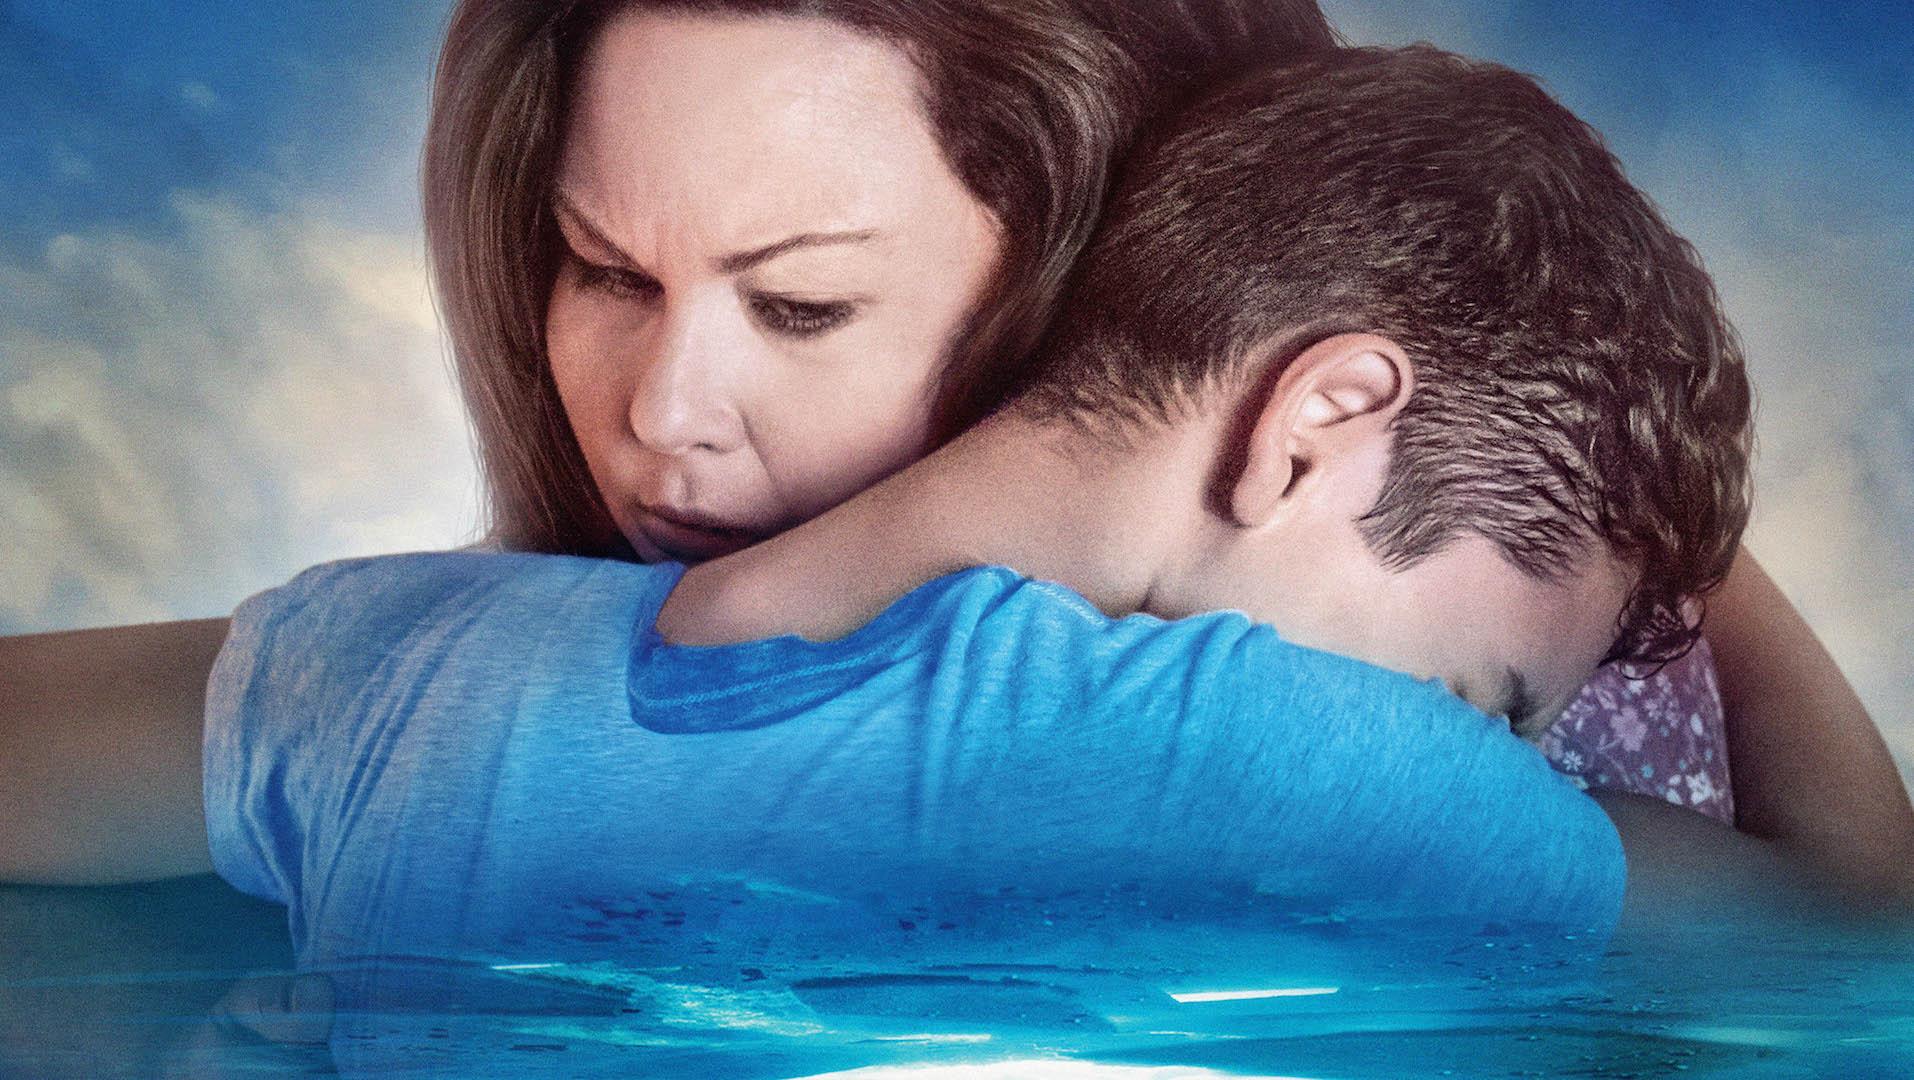 Superação – O Milagre da Fé, filme baseado em uma história real, ganha pôster nacionalizado pela Fox